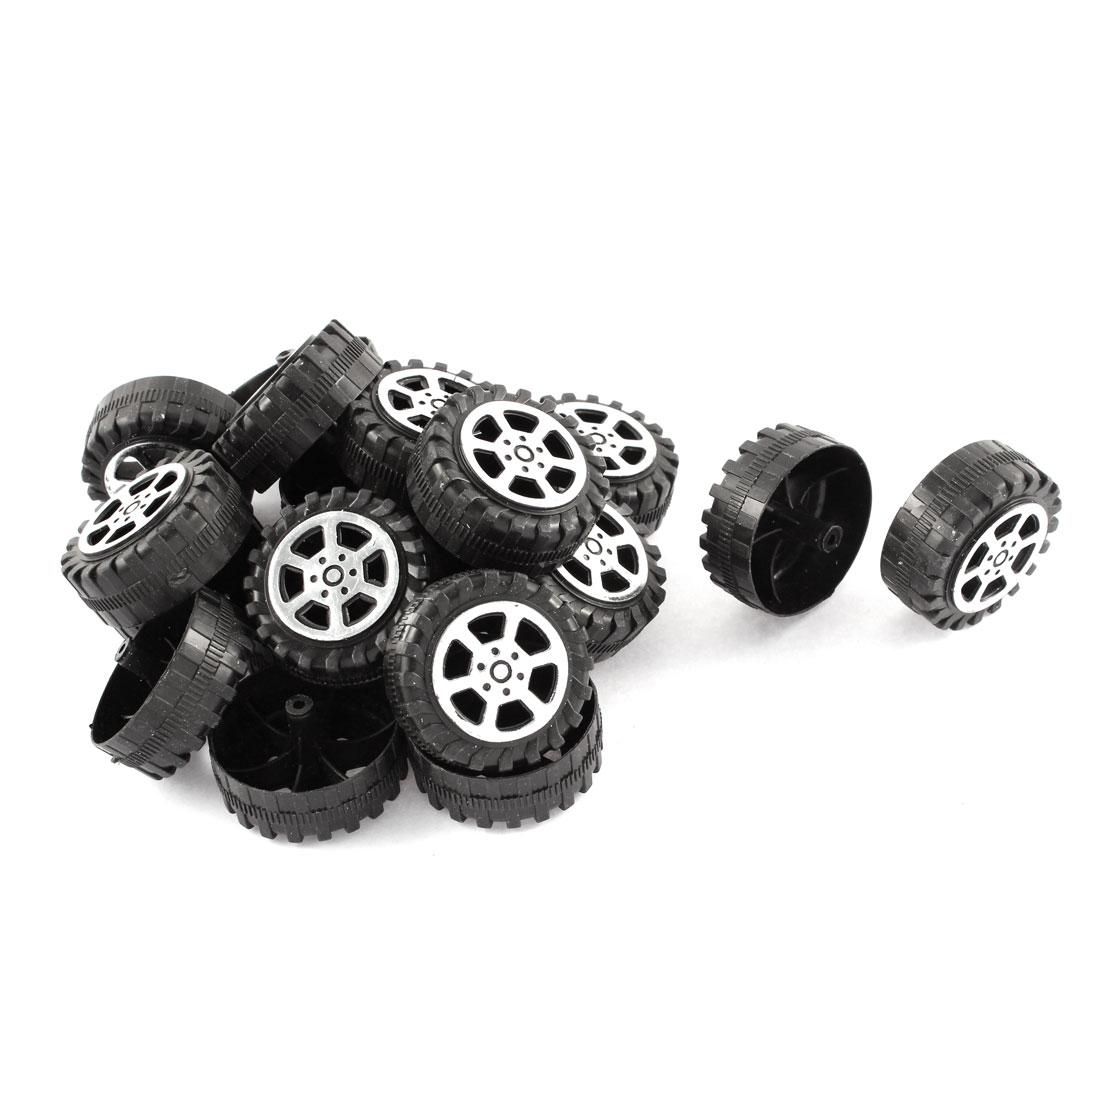 Plastic Roll 2mm Dia Shaft Car Truck Model Toys Wheel 38mmx15mm 20Pcs